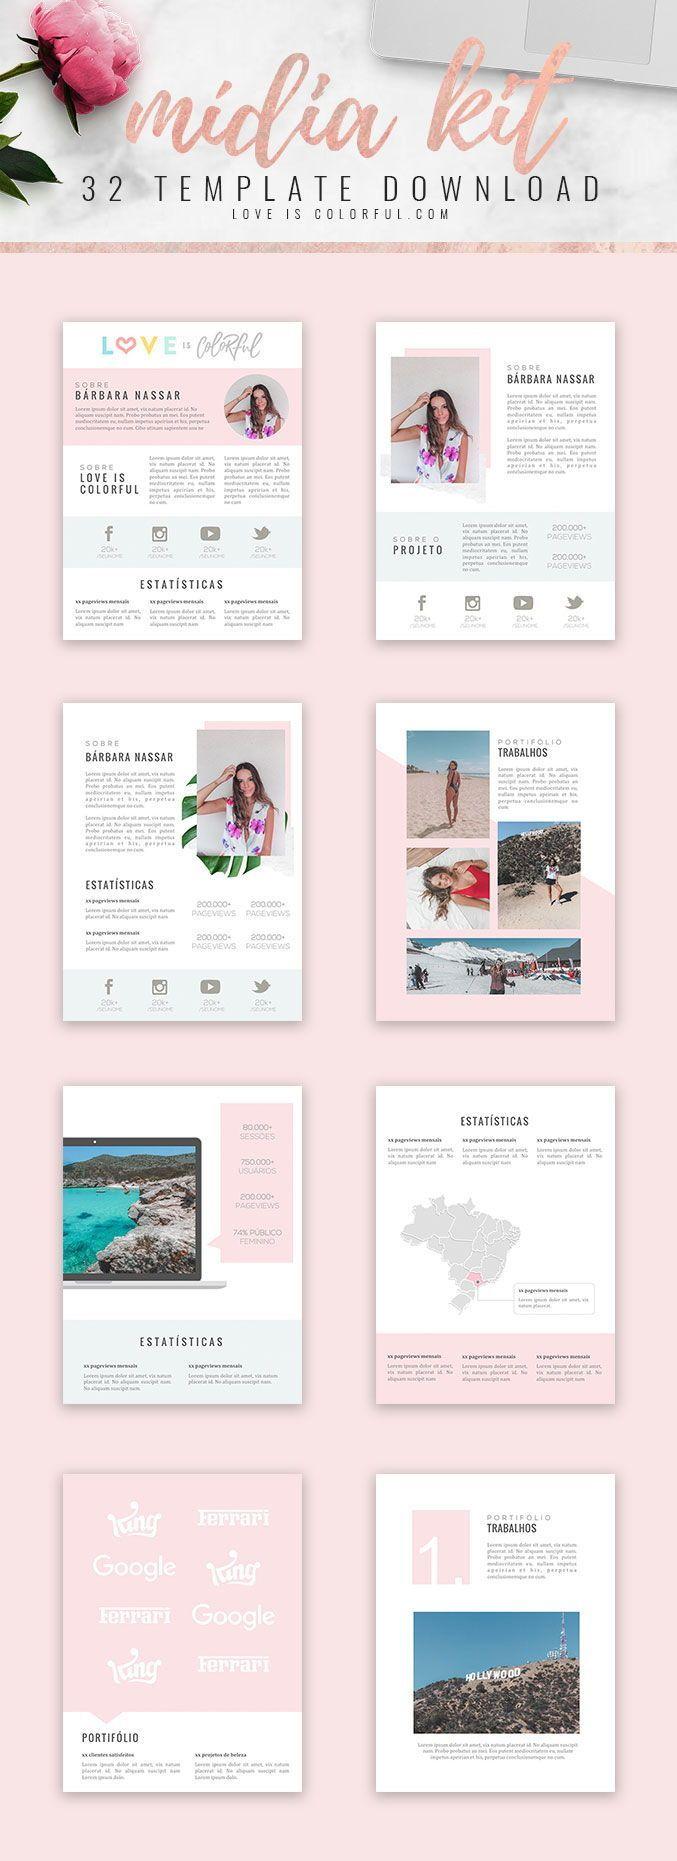 Template Midia Kit Projetos Midia Kit Como Criar Um Blog E